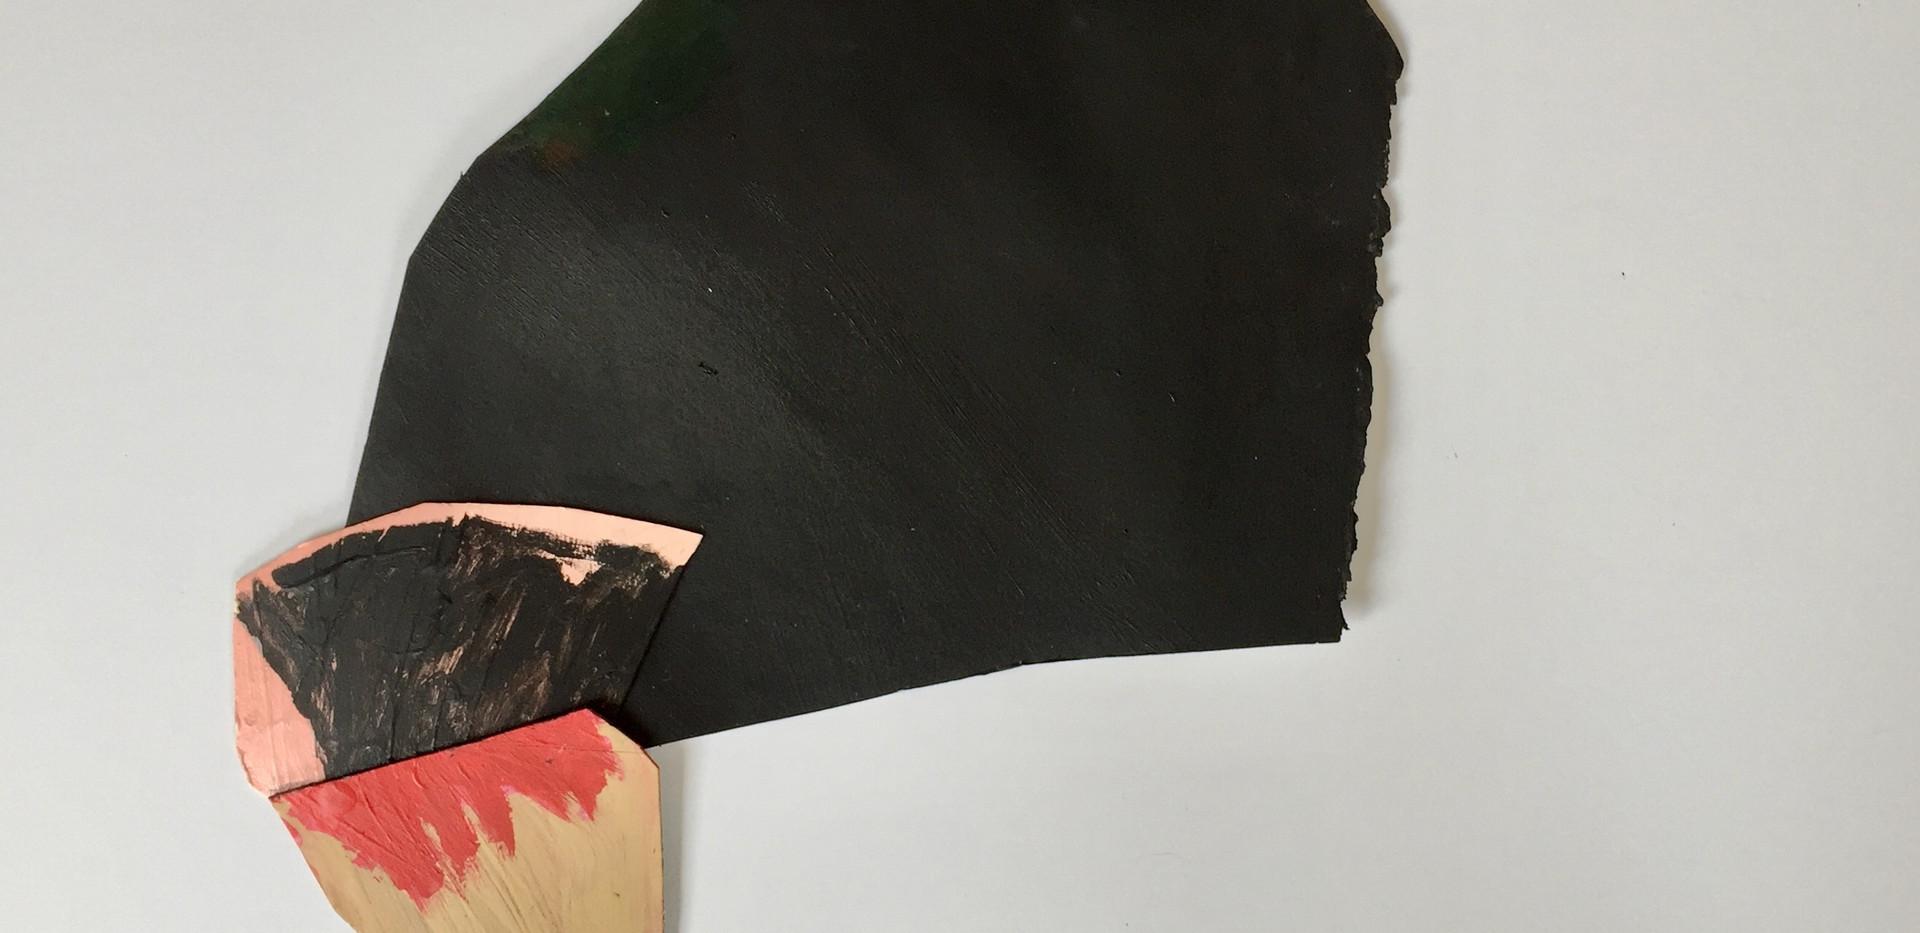 L.Shapiro,Not So Heavy,acrylic on paper,